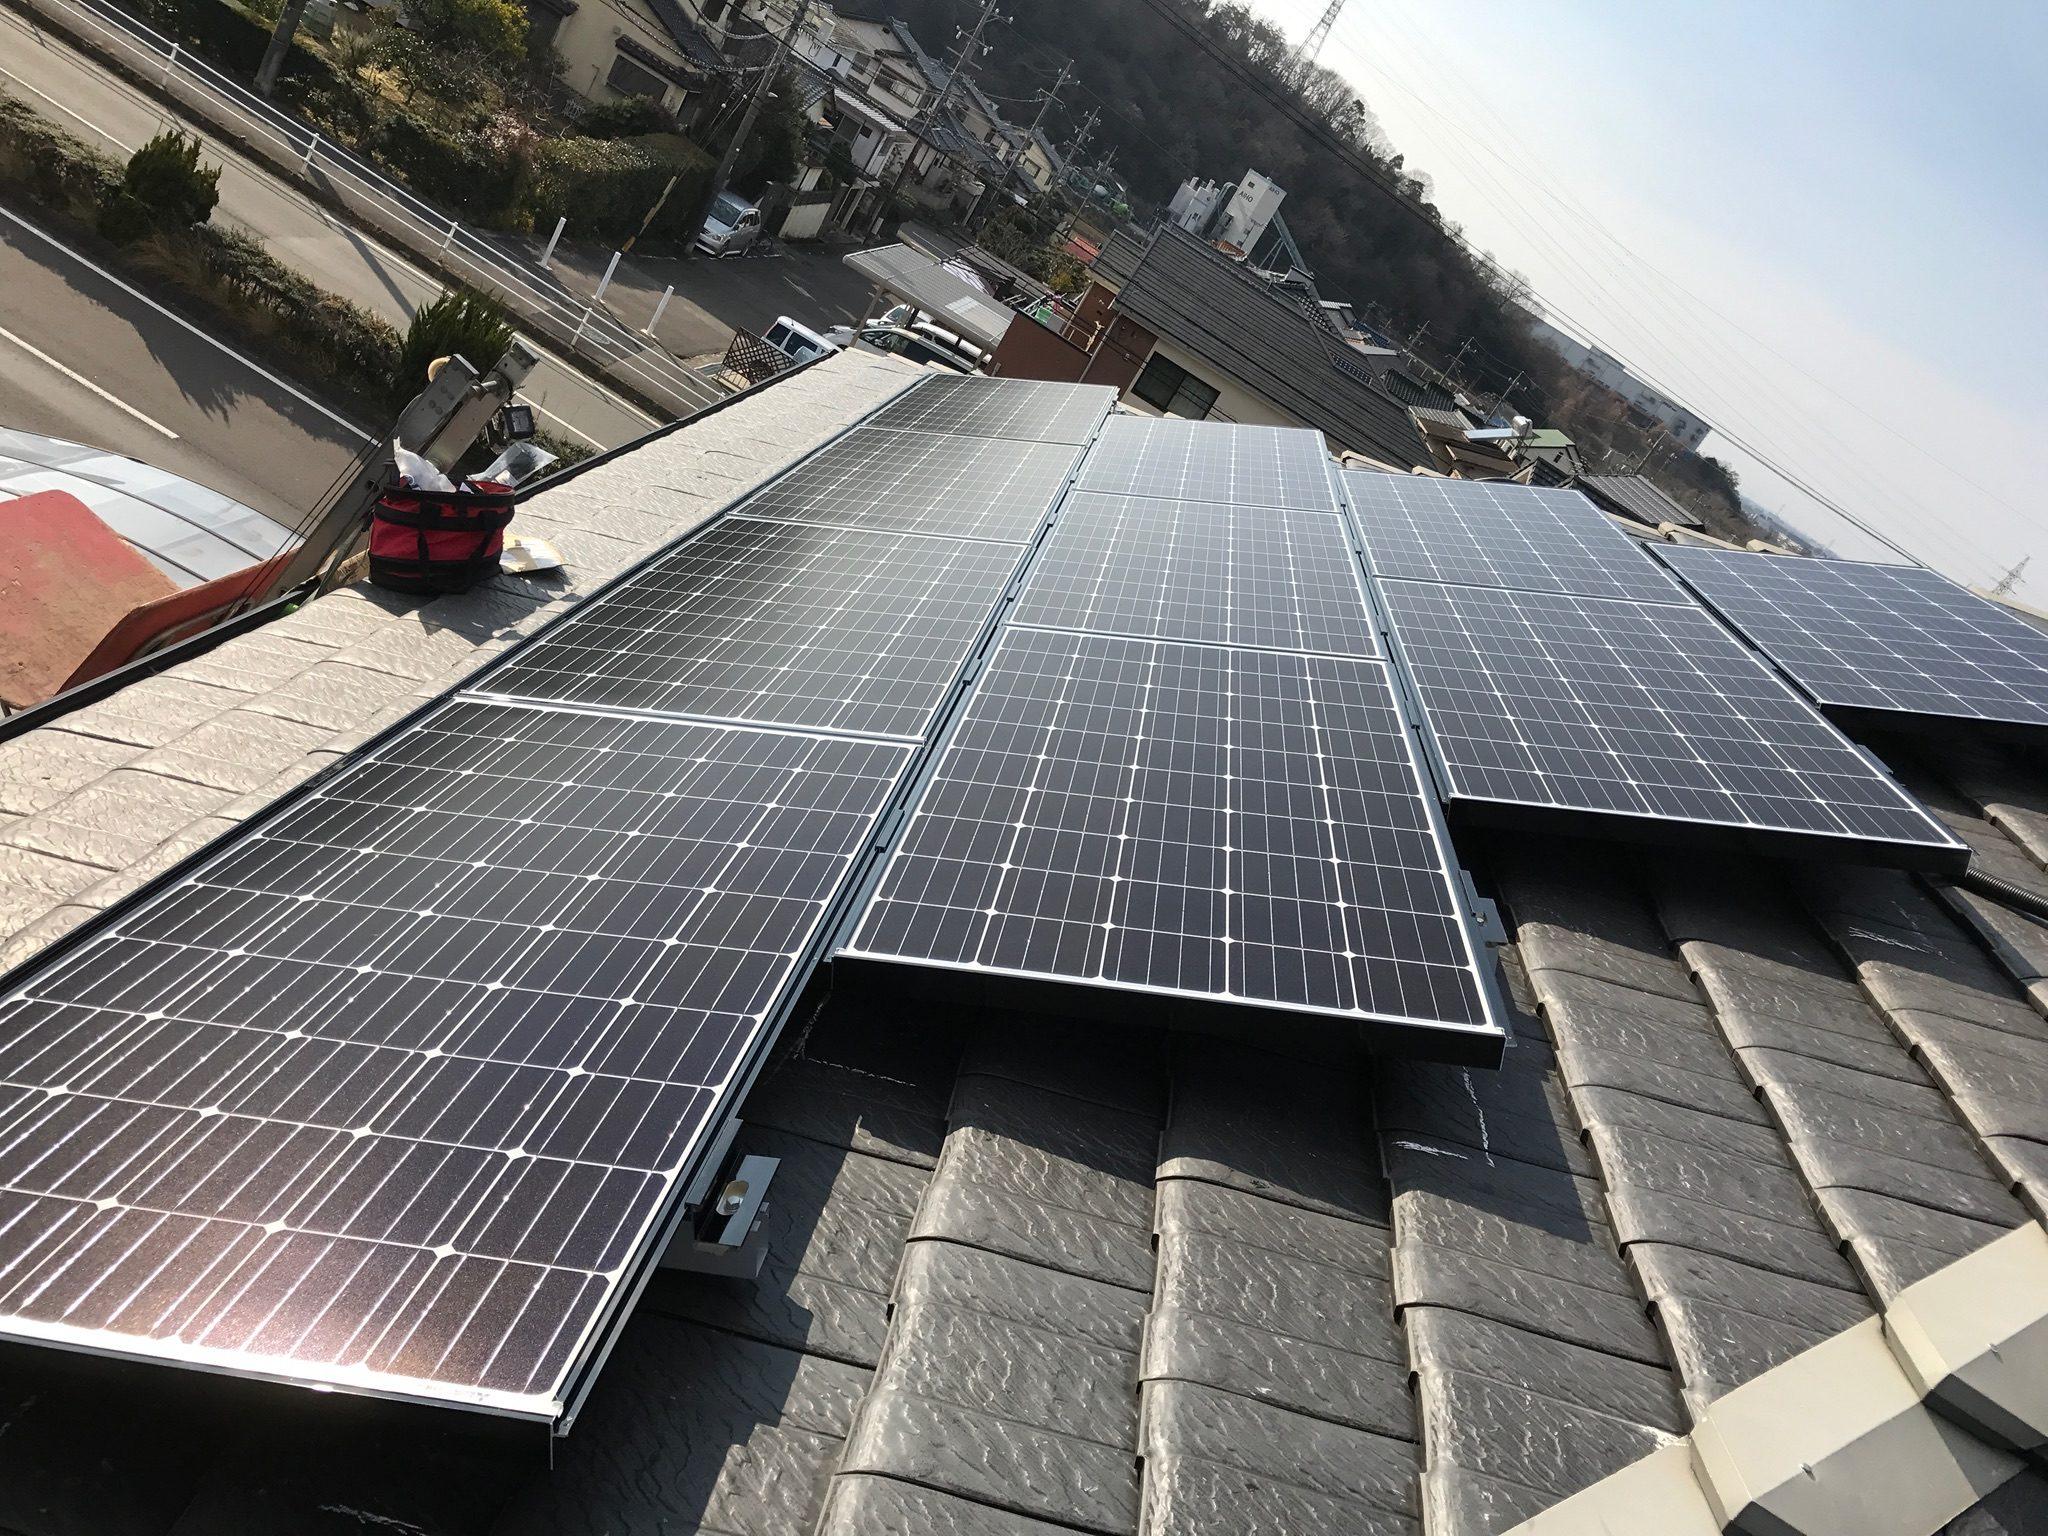 愛知県三菱太陽光パネル 19枚PV-MA2250M施工後の写真